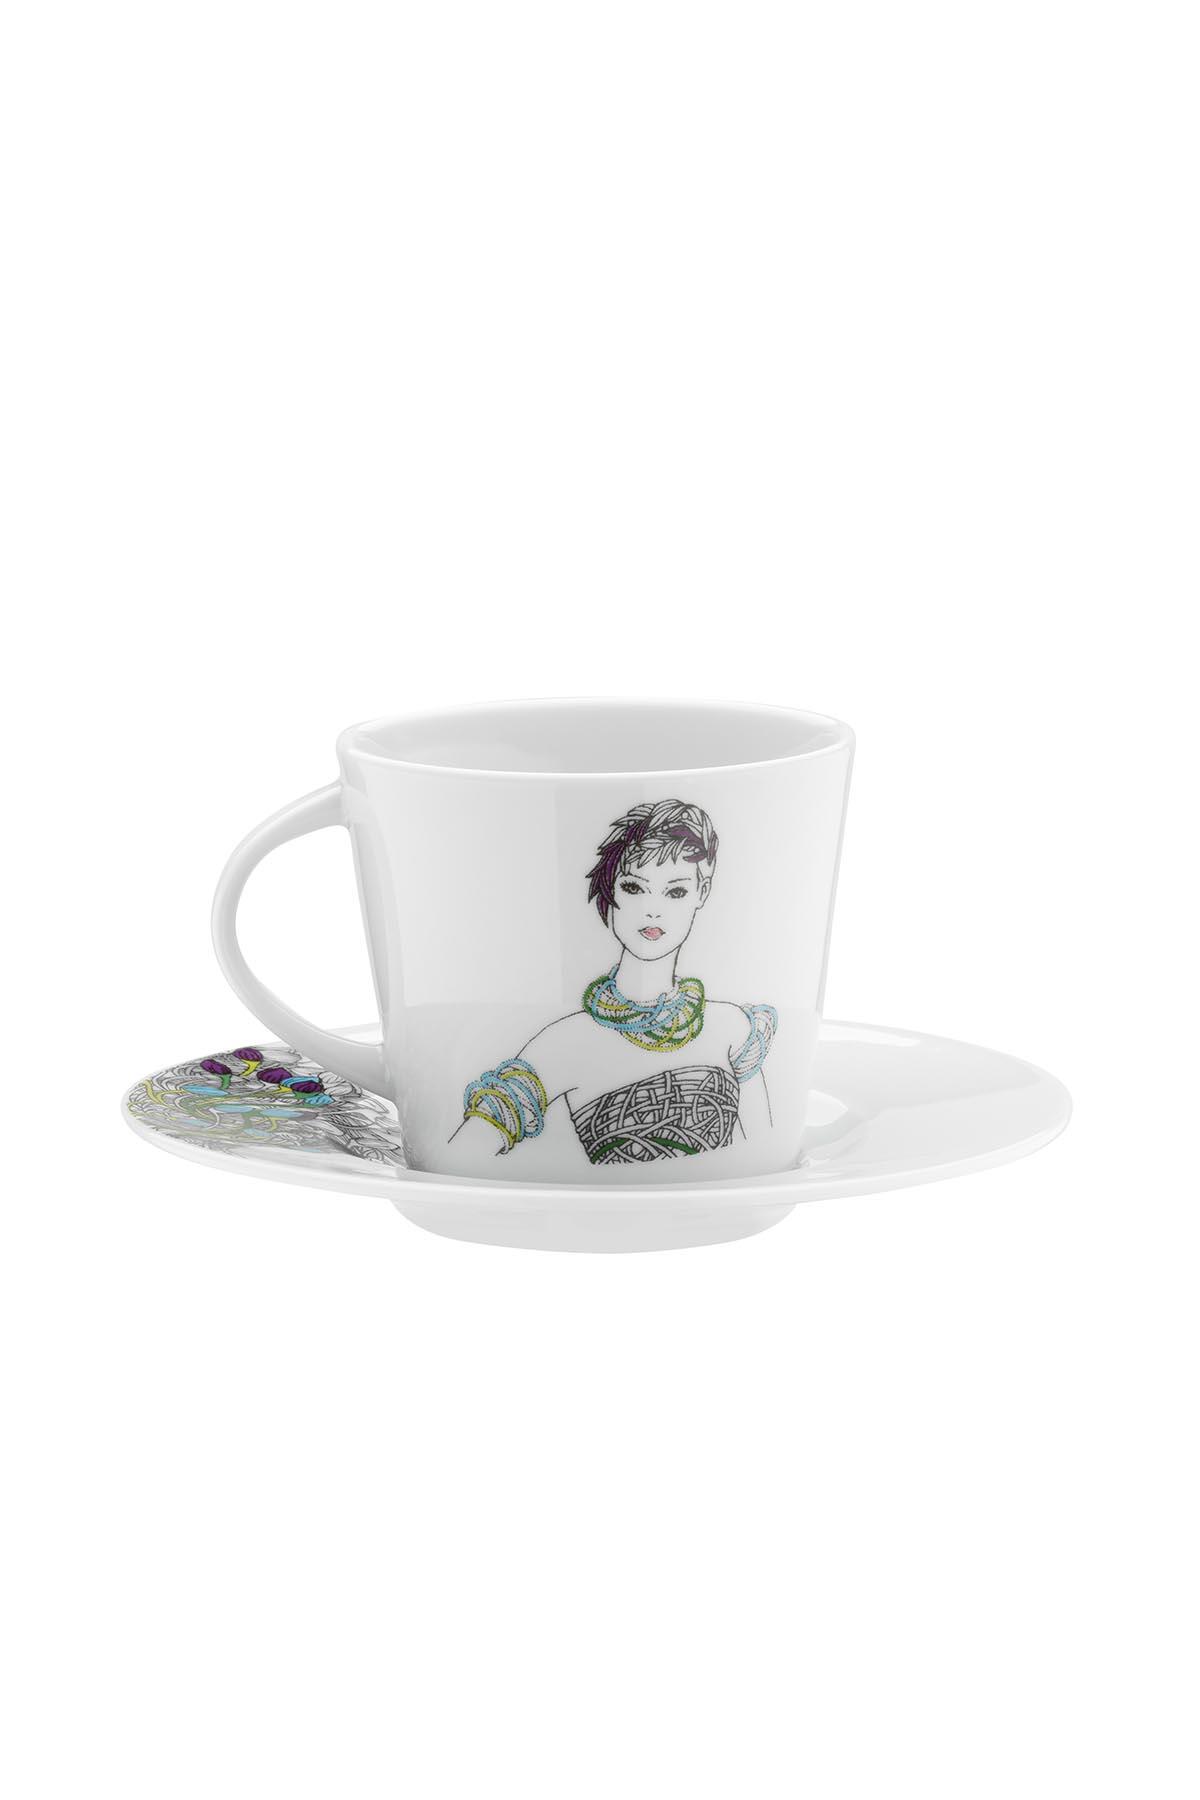 Kütahya Porselen Kadınlarım Serisi 9440 Desen Çay Fincan Takımı